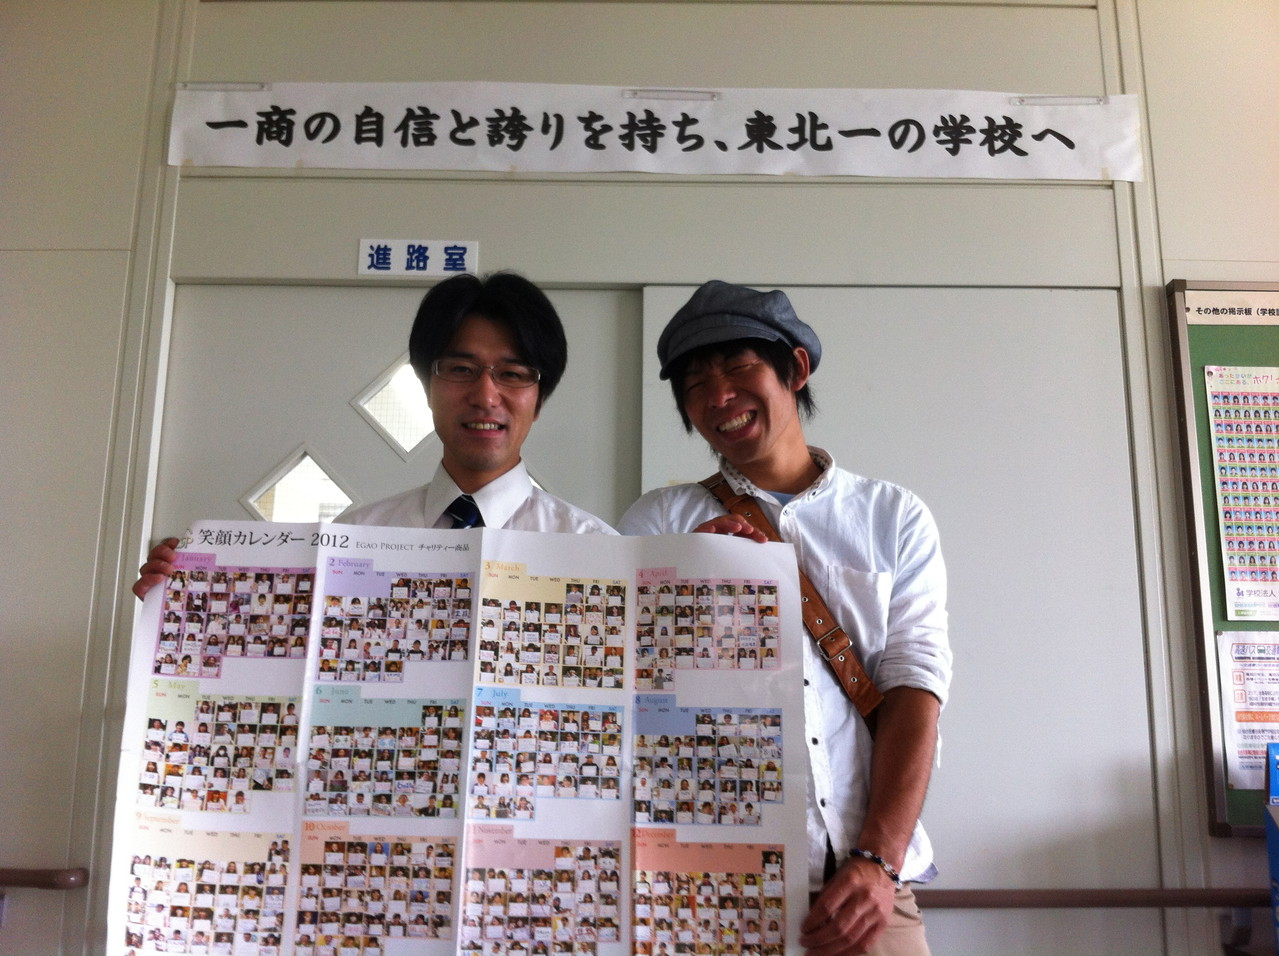 宮城県 高校